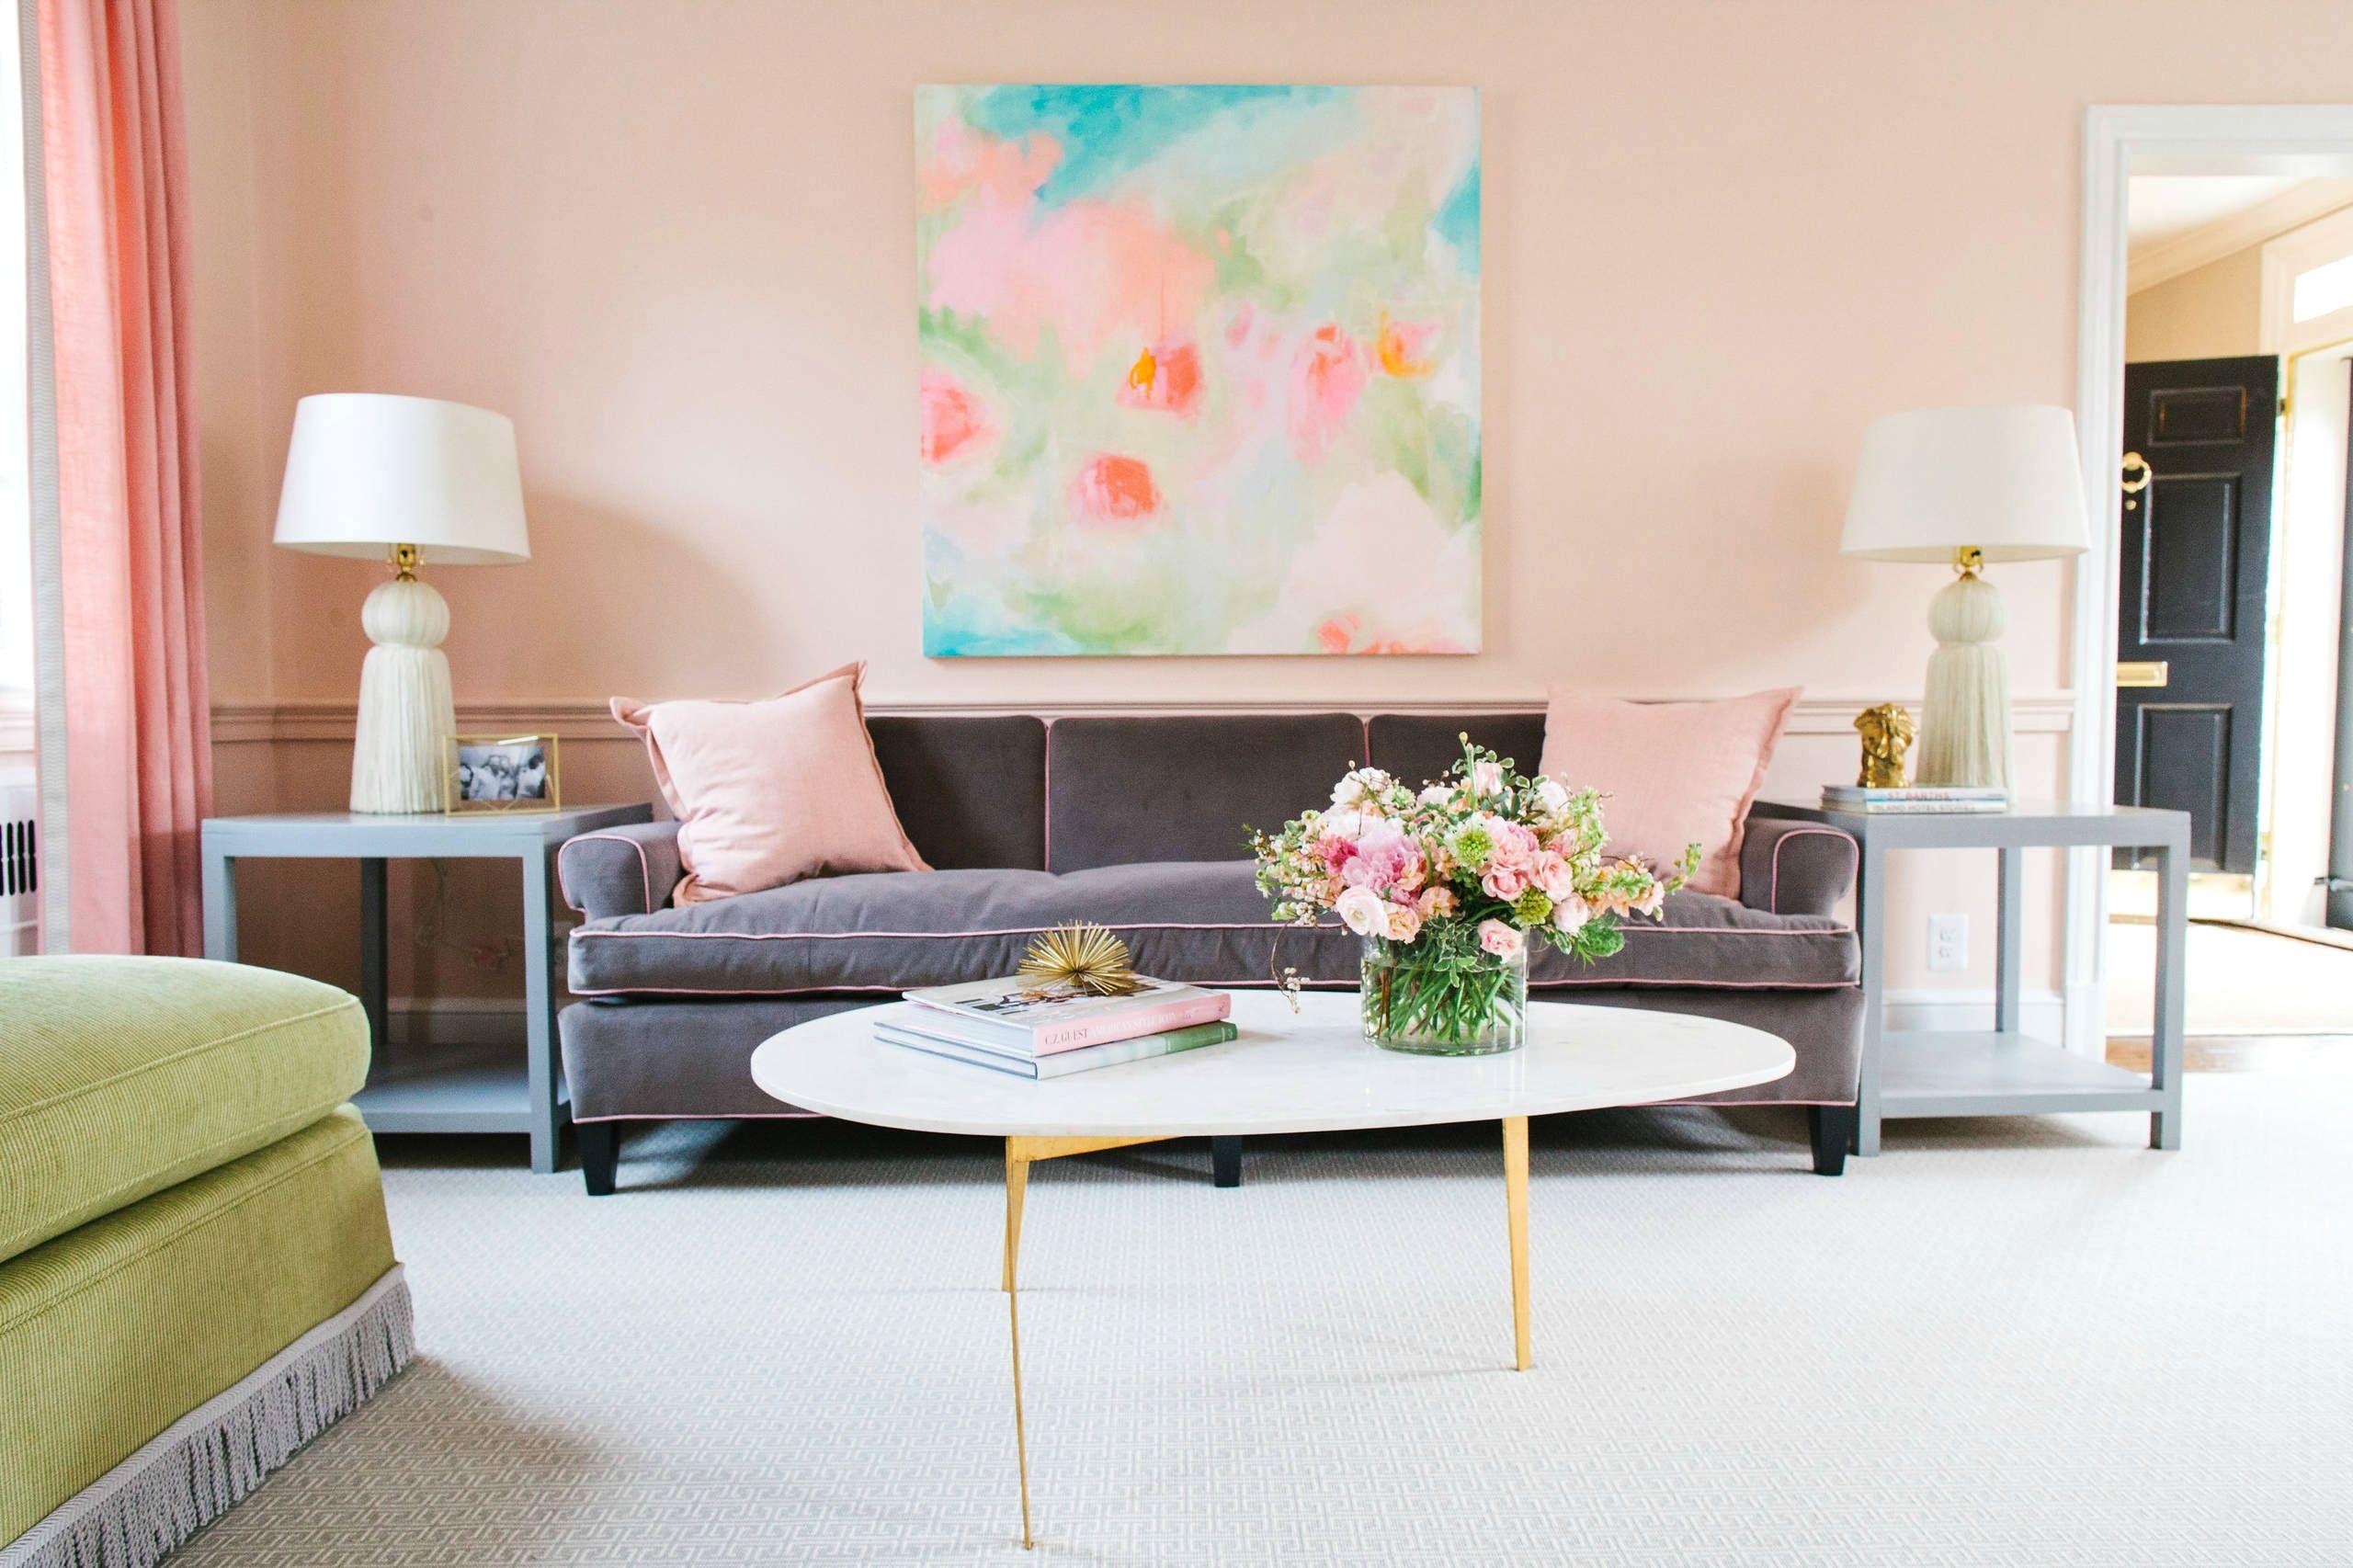 Vai a vivere da sola? Scegli colori pastello per arredare la tua casa